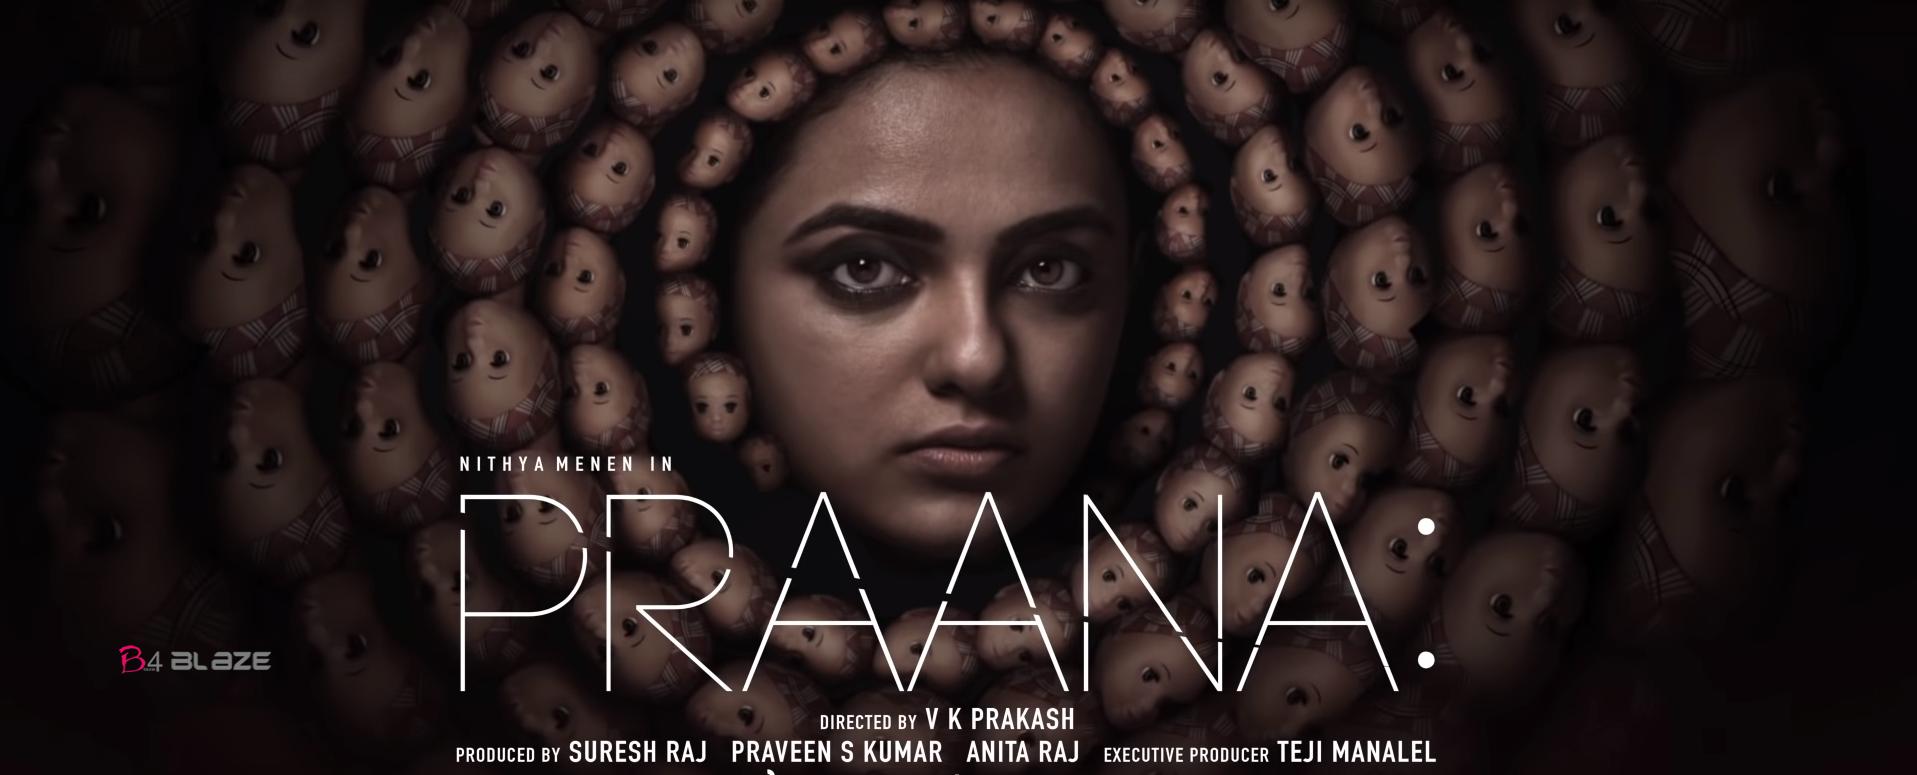 Praana movie posters